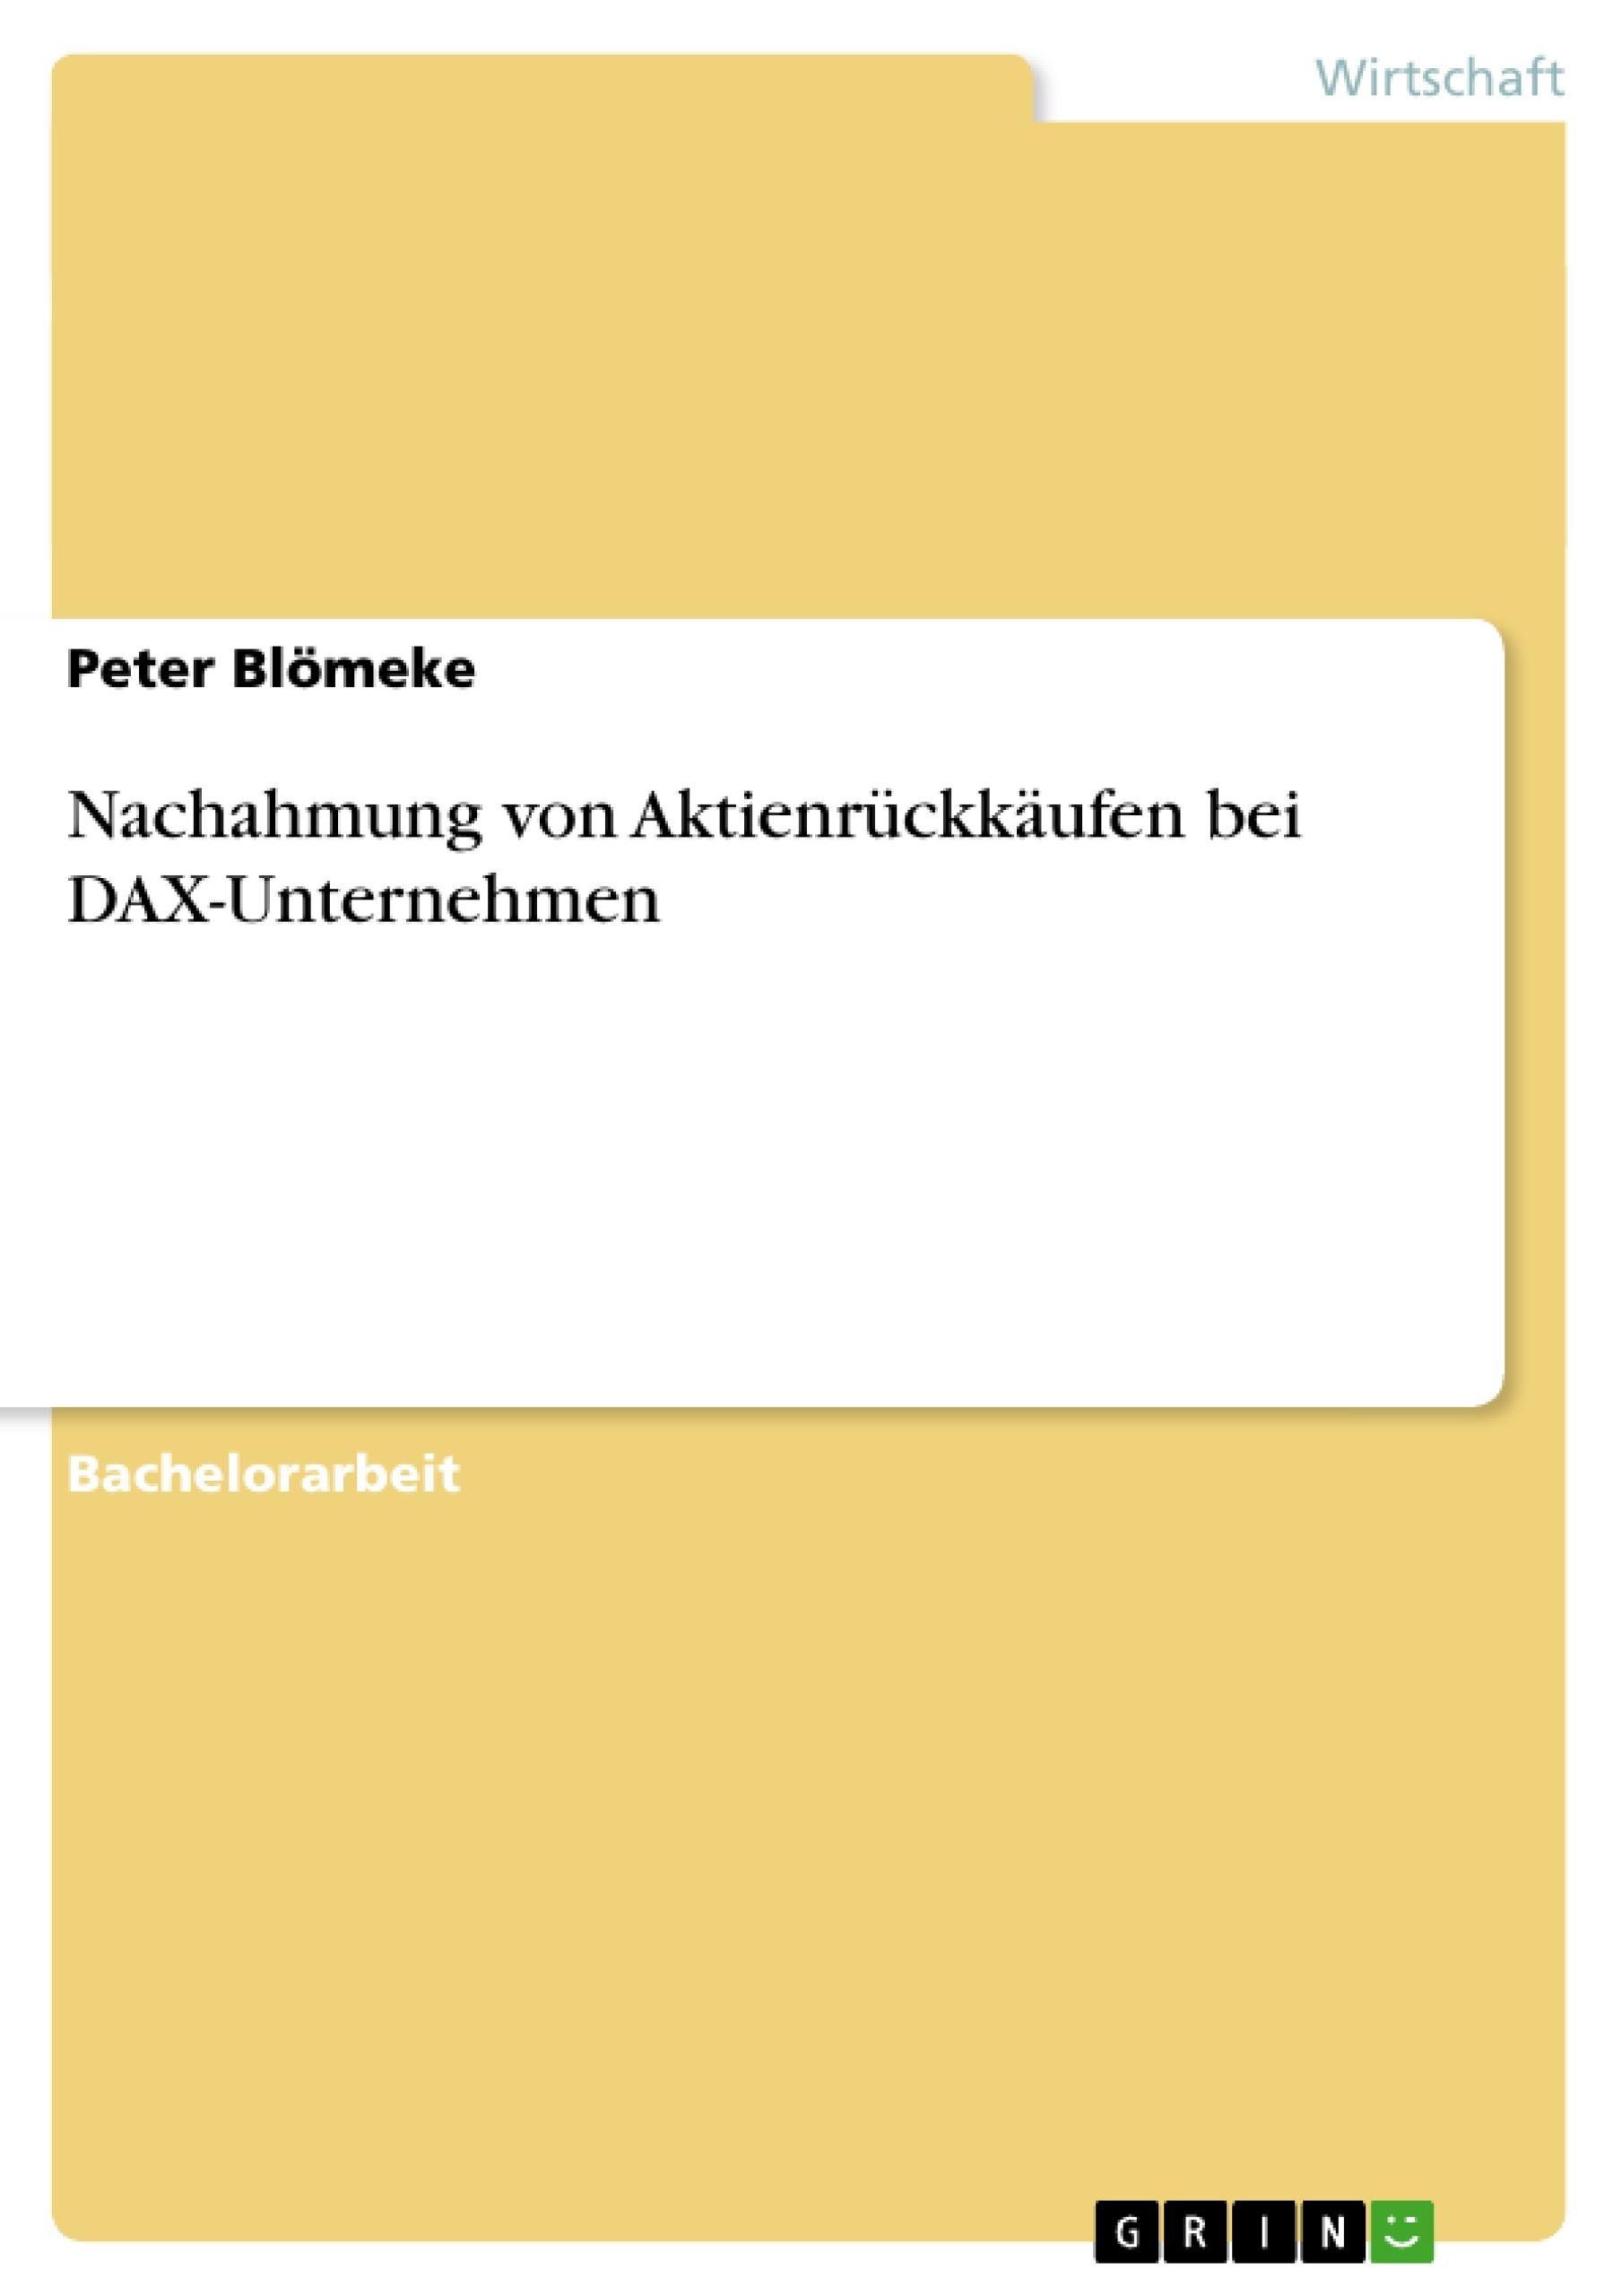 Titel: Nachahmung von Aktienrückkäufen bei DAX-Unternehmen